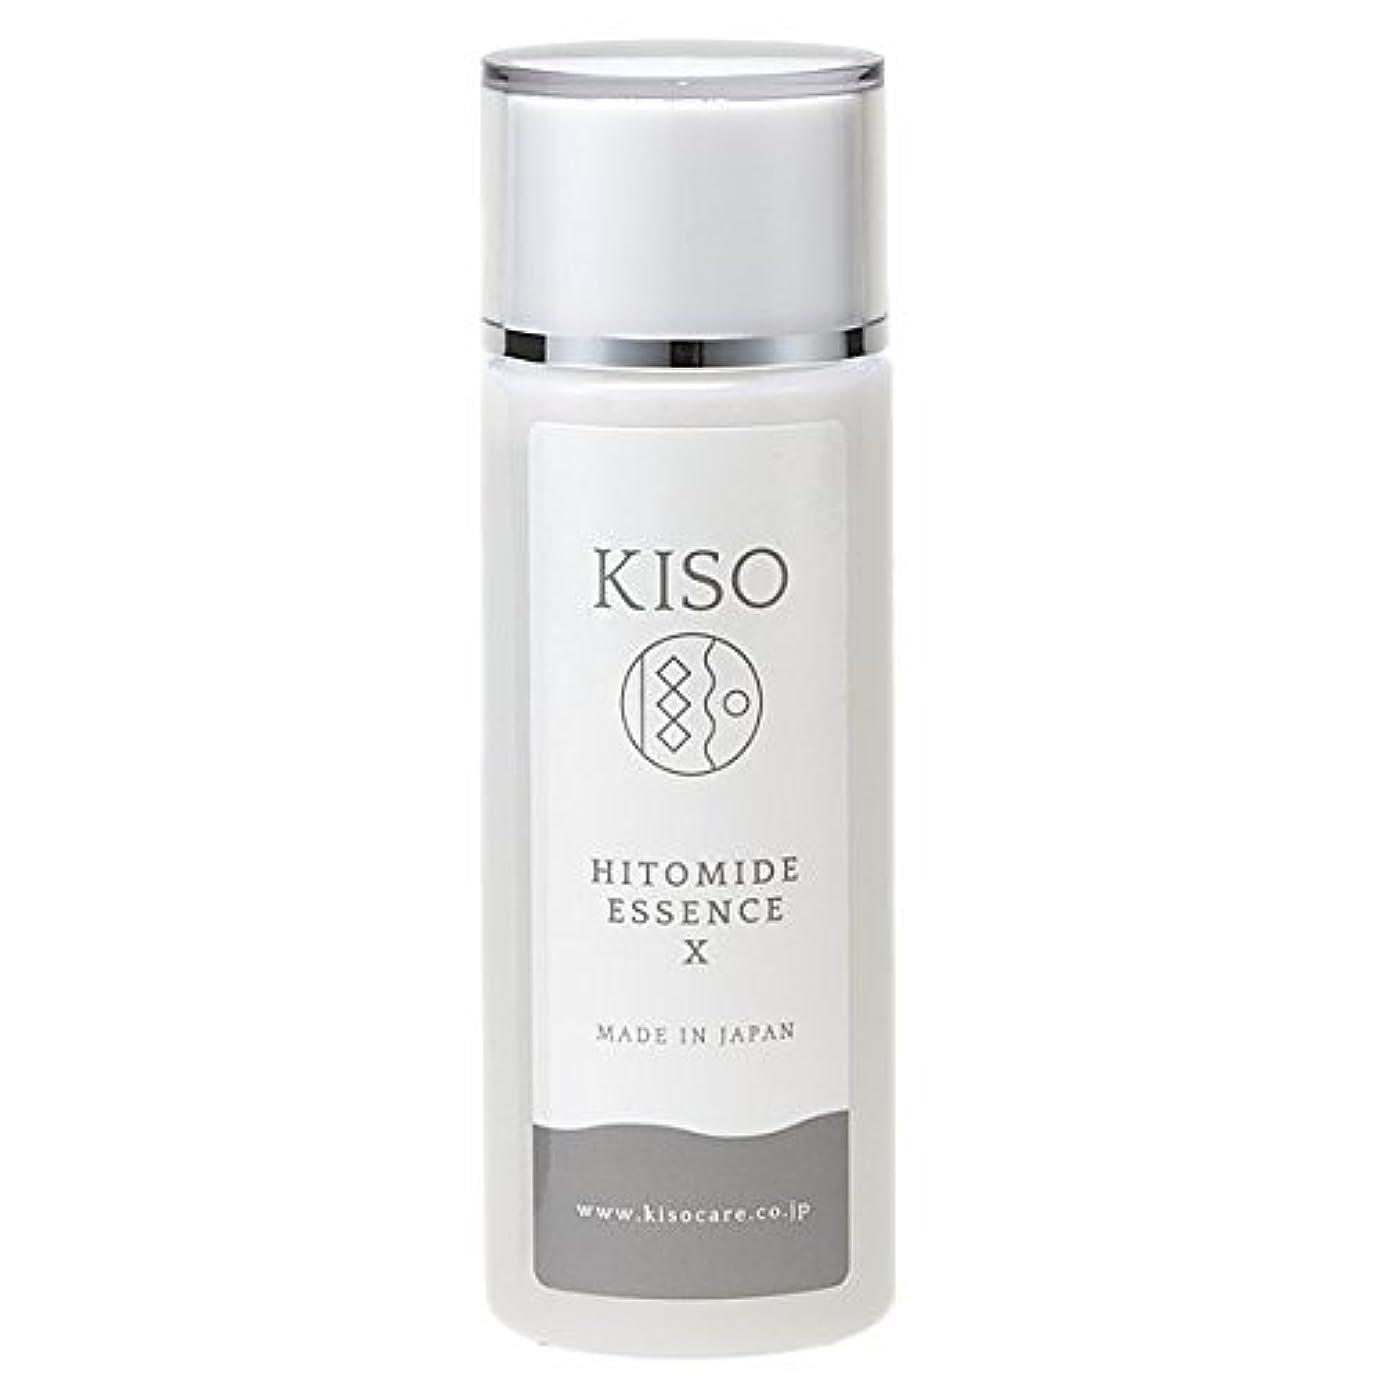 配列研究所毒液KISO ヒト型セラミド原液 10%配合 【ヒトミドエッセンスX 120ml】 保湿力アップ 肌荒れを防ぎキメを整えたい時に